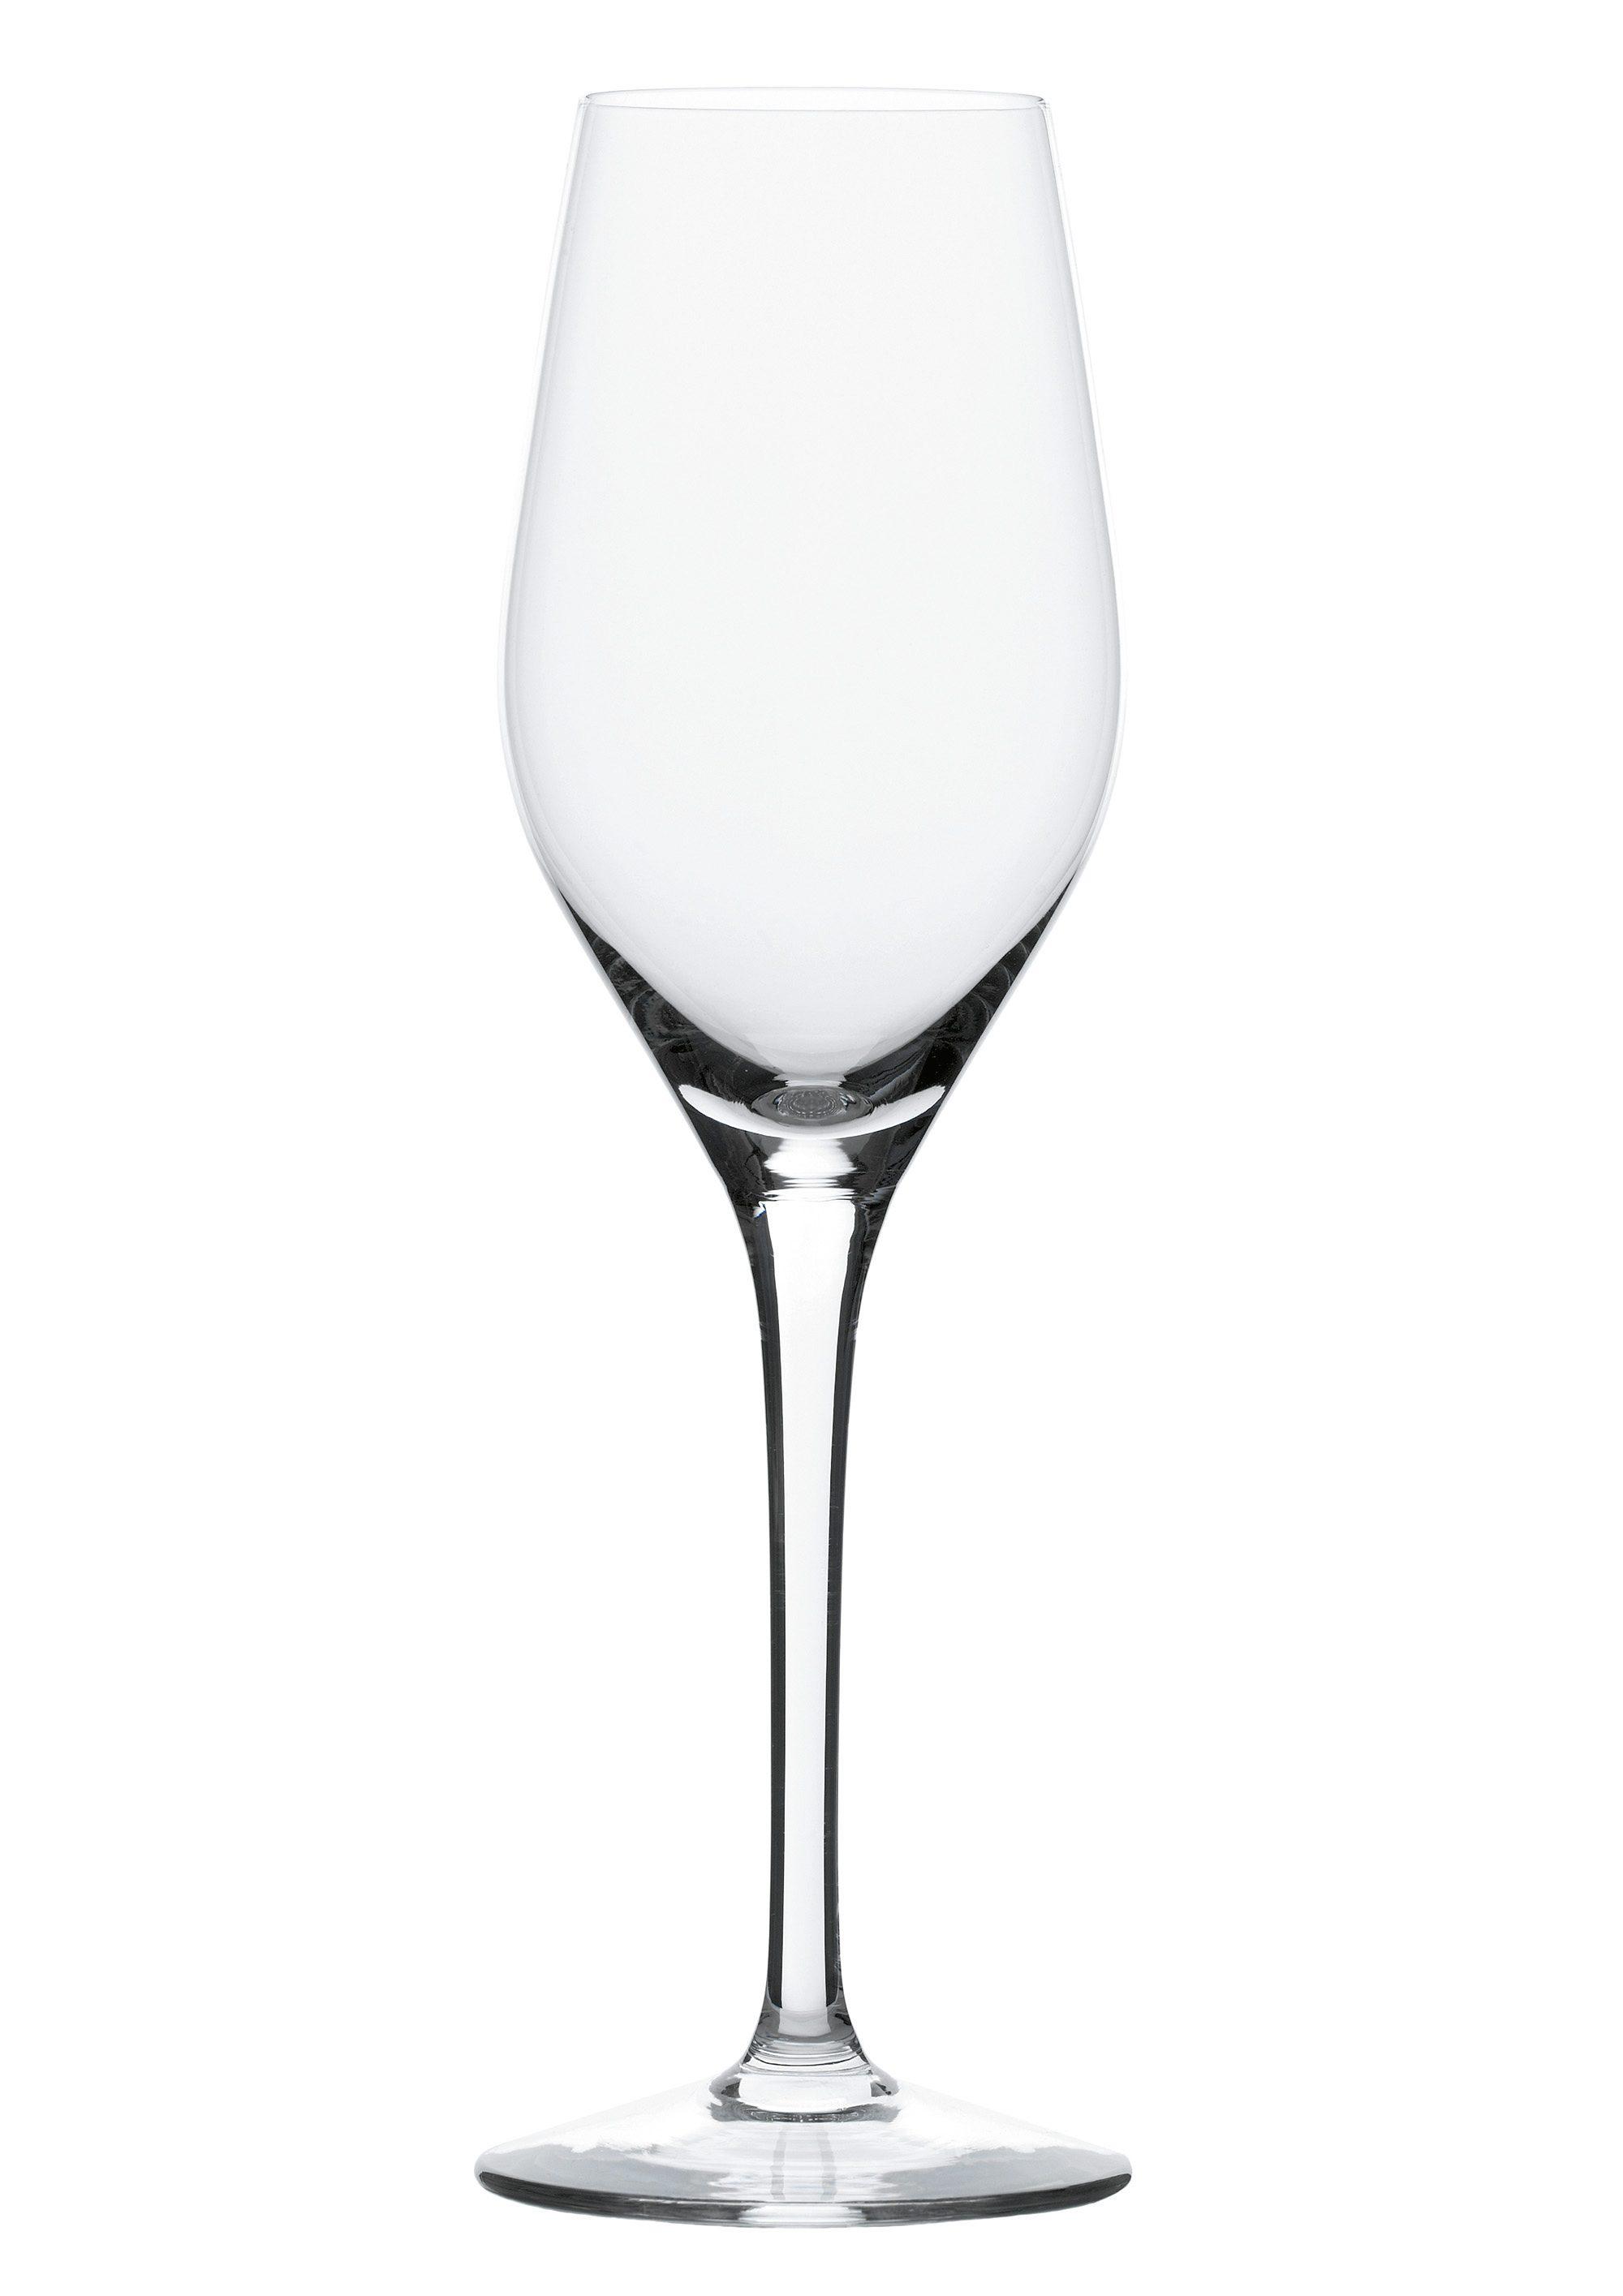 Stölzle Champagnerglas Exquisit, (Set, 6 tlg.) farblos Kristallgläser Gläser Glaswaren Haushaltswaren